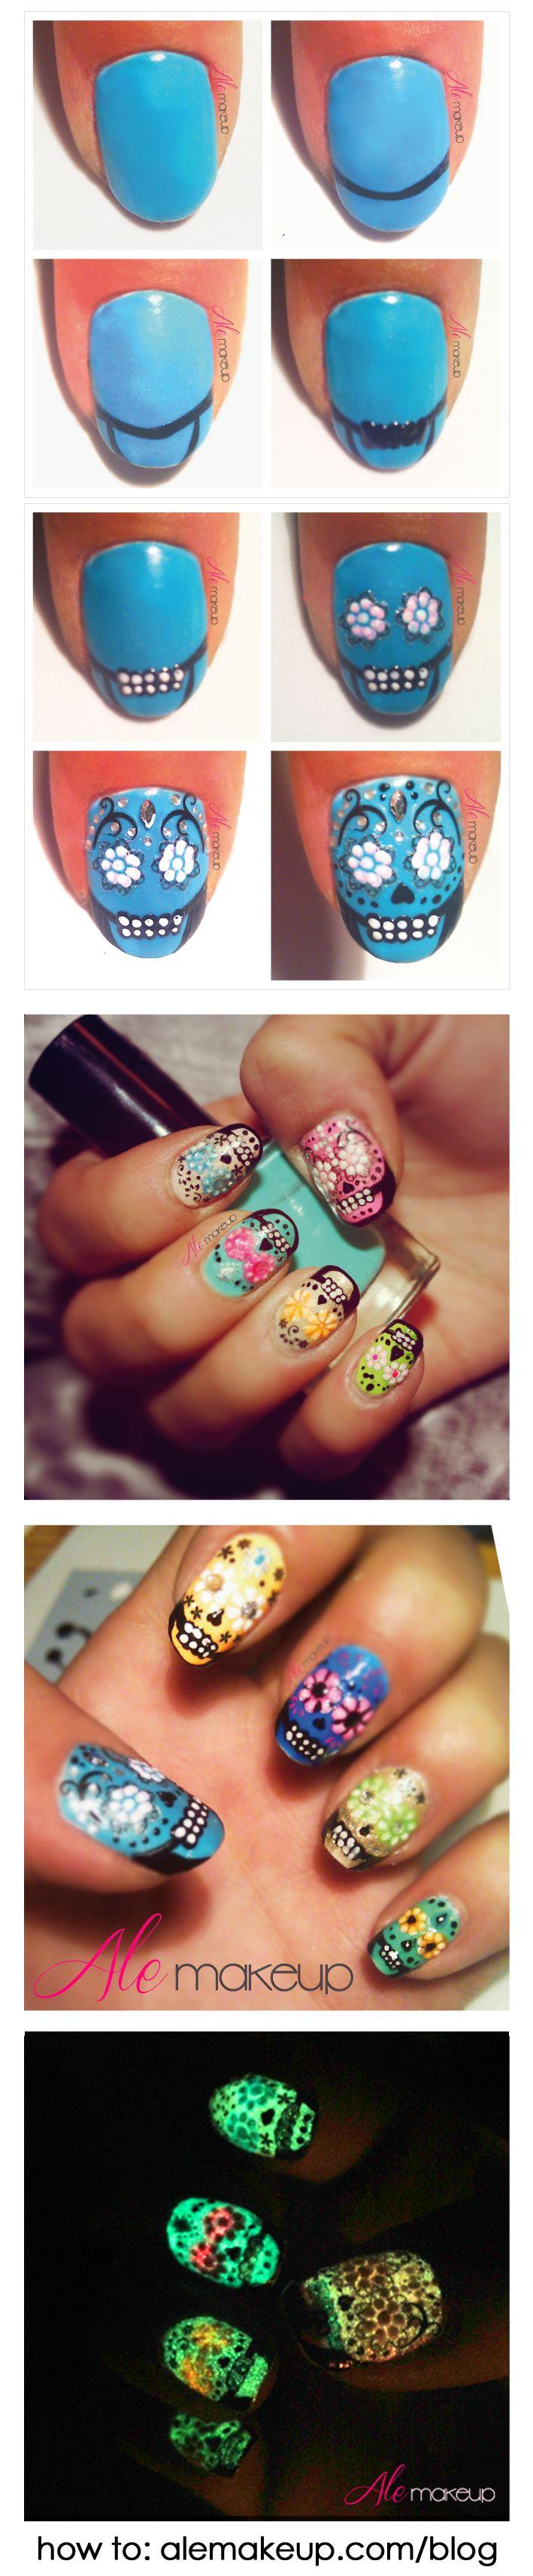 Tutorial manicura uñas mexicanas calaveras de colores fluor que brillan en la…